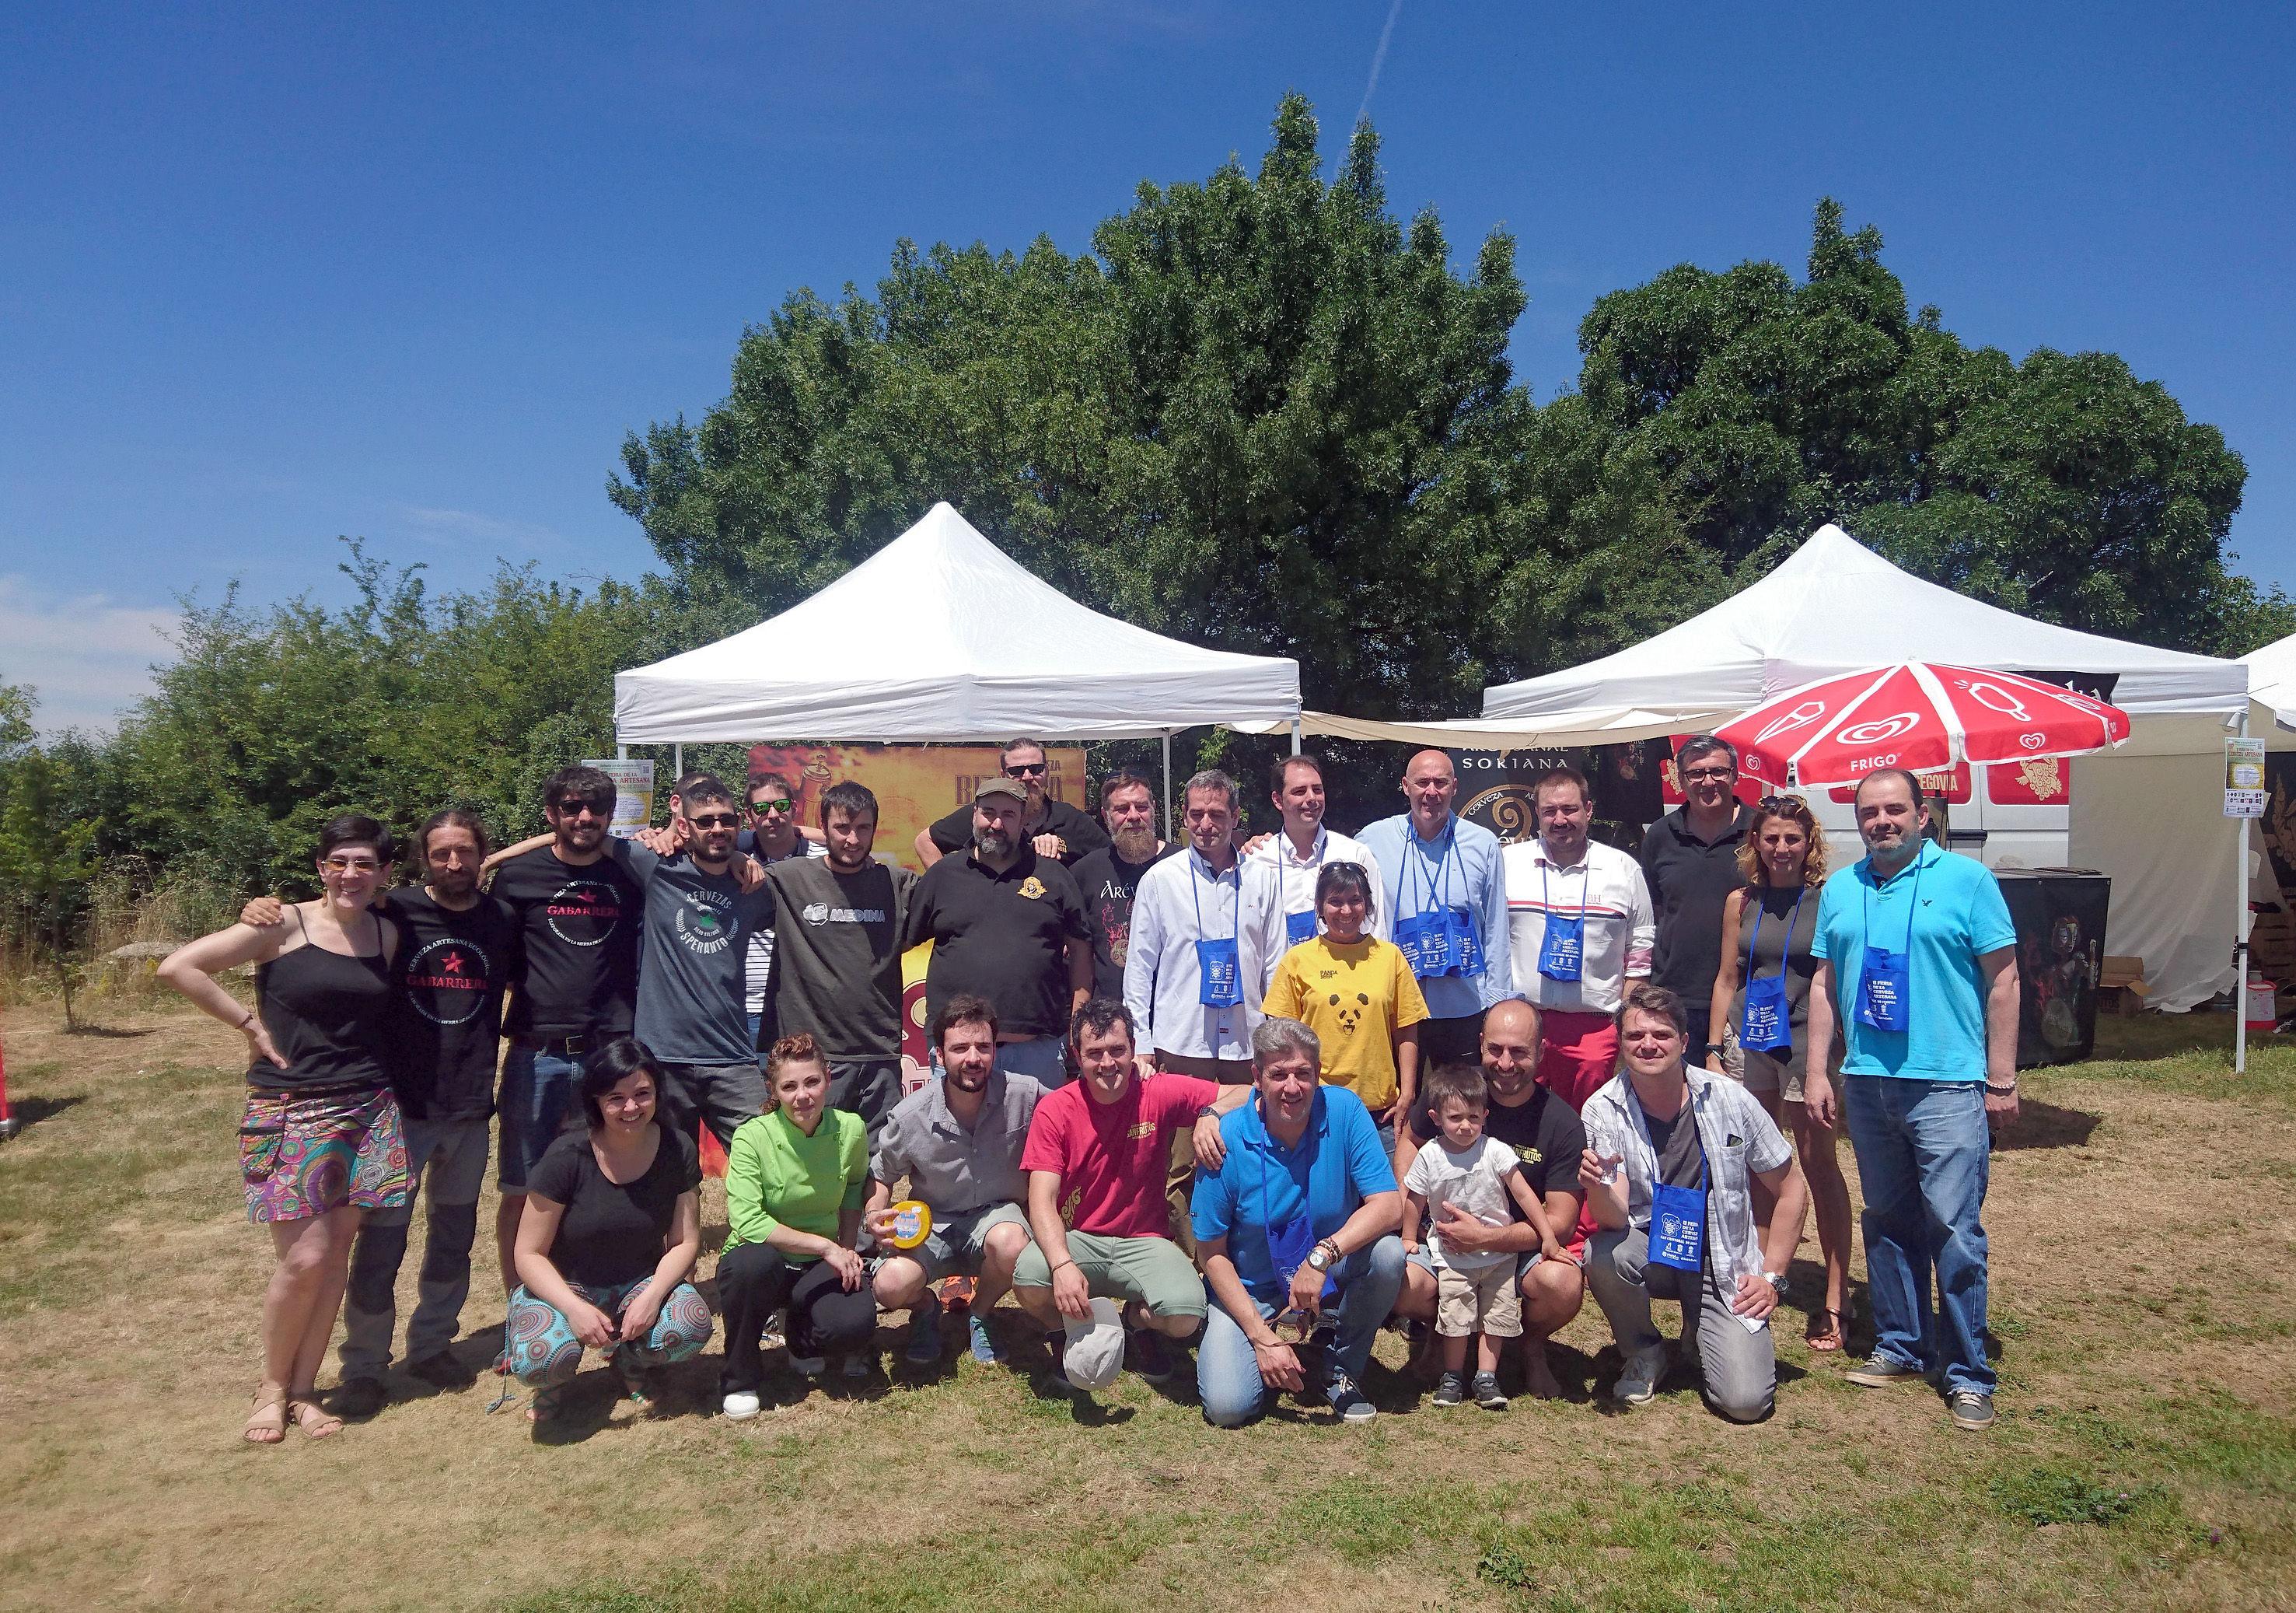 II Feria Cerveza Artesana San Cristobal - Segovia 2017 - grupo